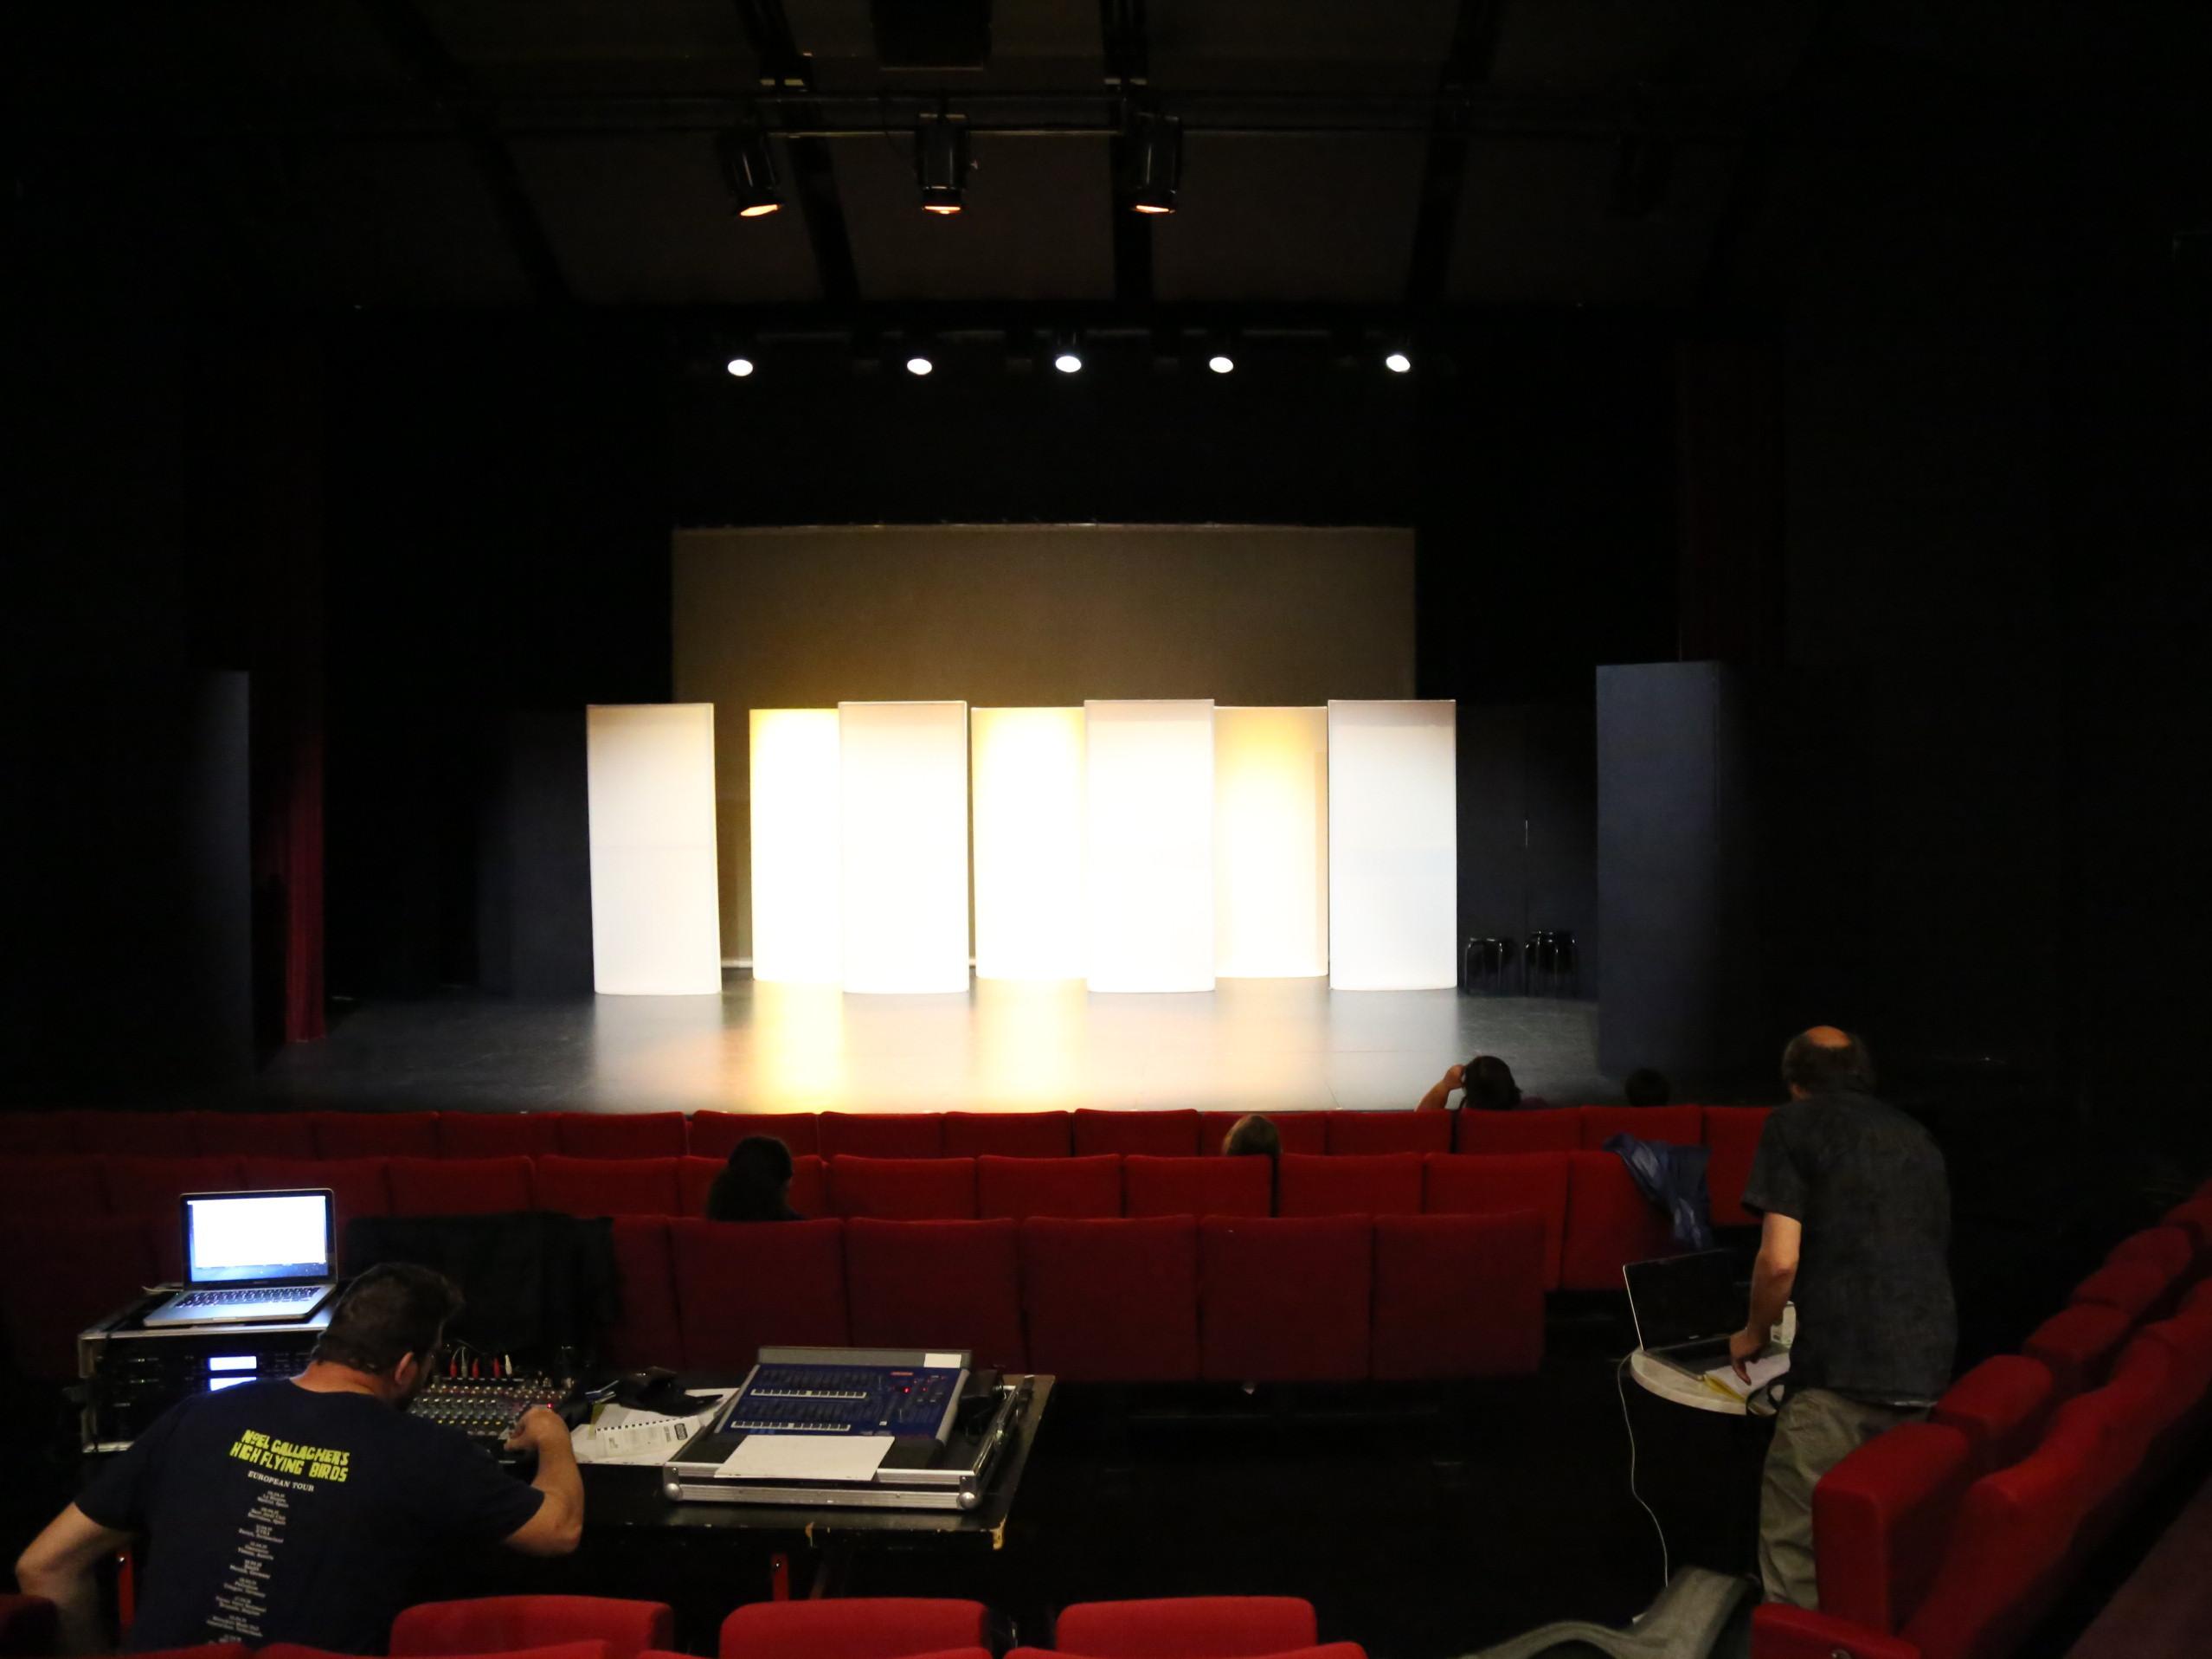 L'élaboration d'un langage - Théâtre de l'esquisse, Genève